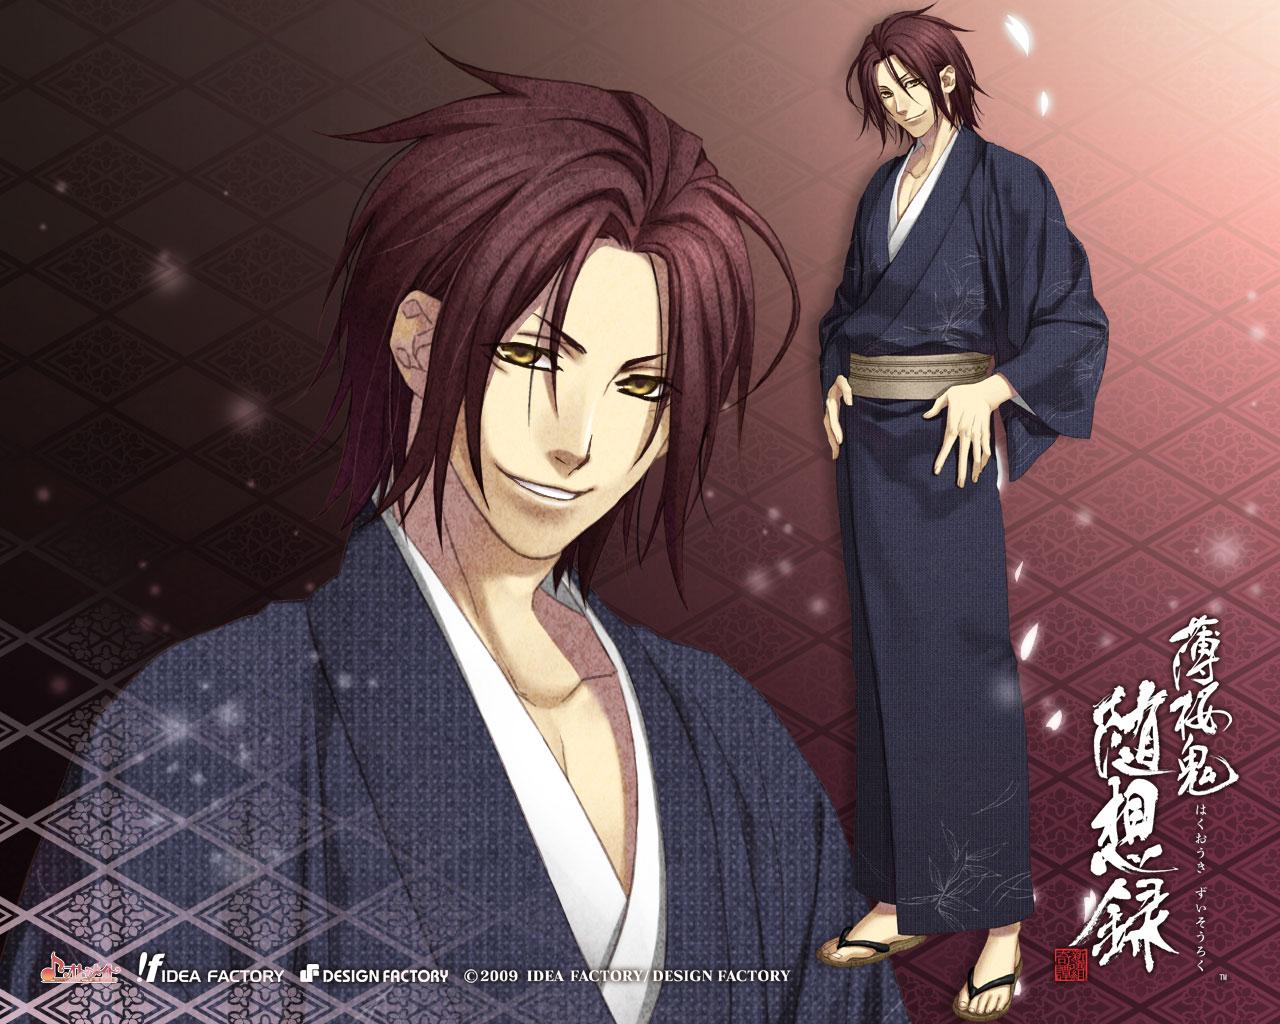 http://4.bp.blogspot.com/_jV241FFac4E/TTqDXtDD4_I/AAAAAAAAAxg/ifo1Qy5j7zA/s1600/hakuouki_wallpaper_harada_sanosuke2_1280x1024.jpg